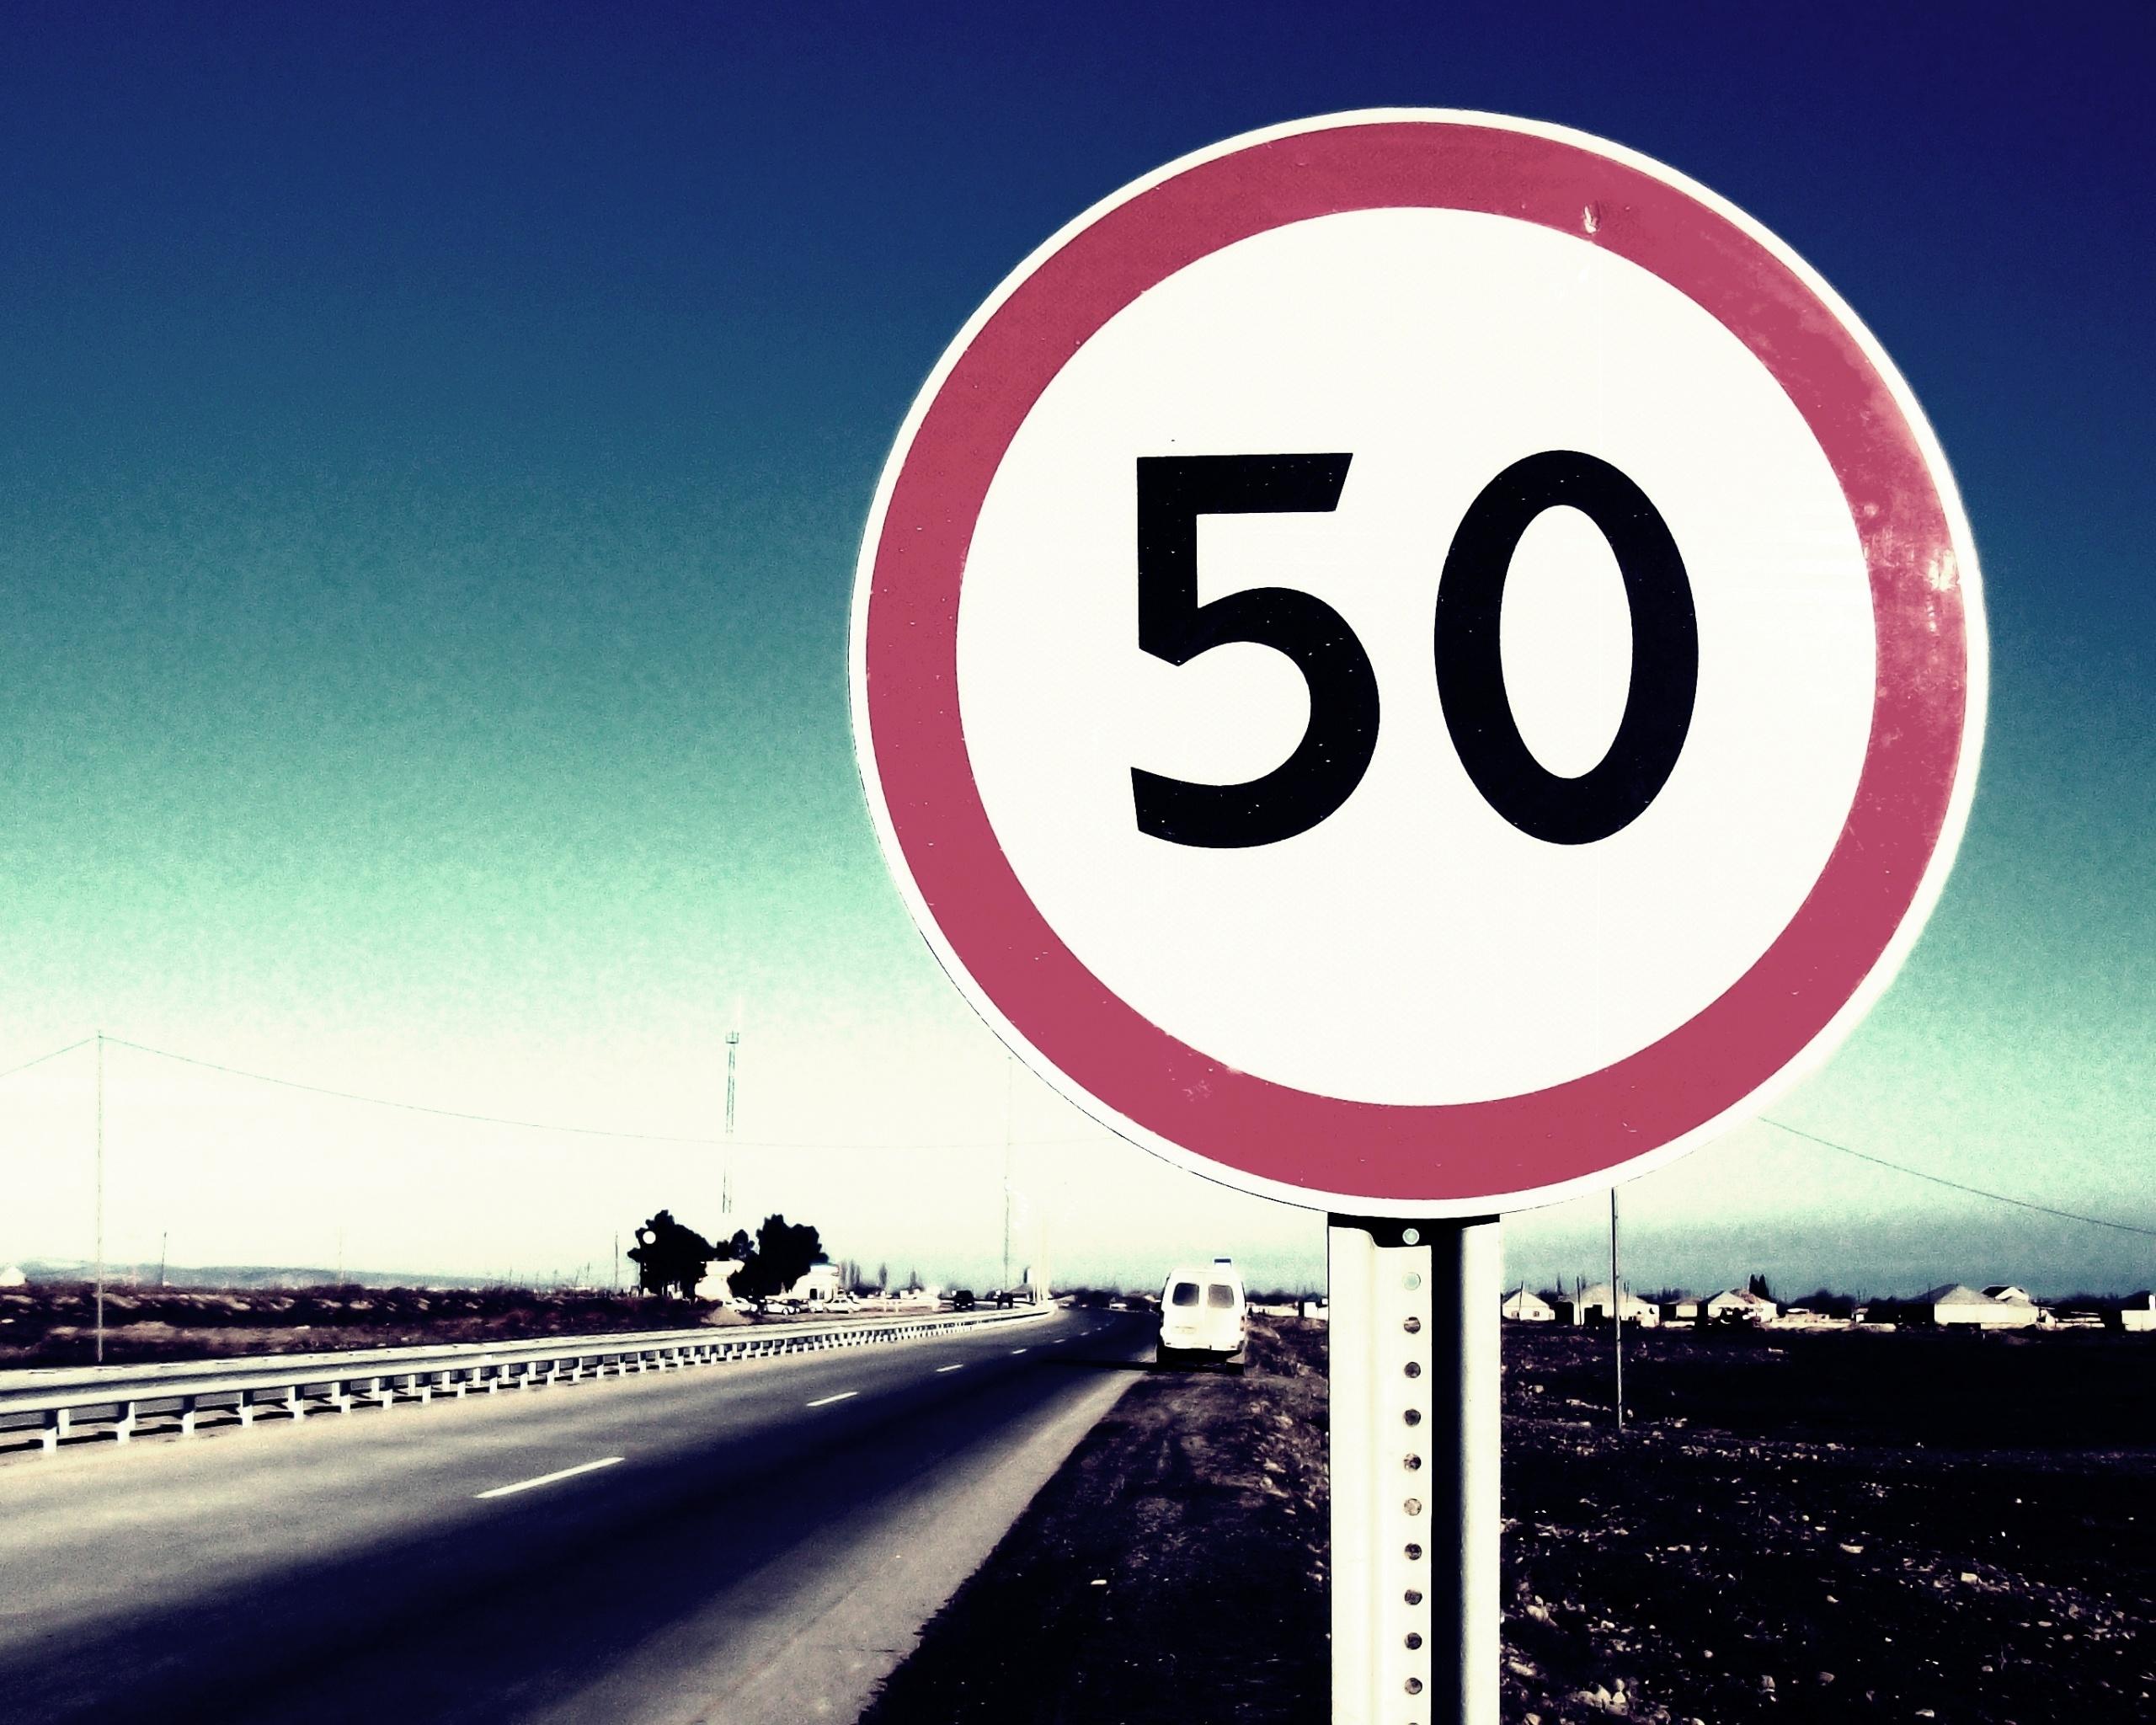 Депутаты хотят снизить лимит скорости в городах до 50 километров в час 1